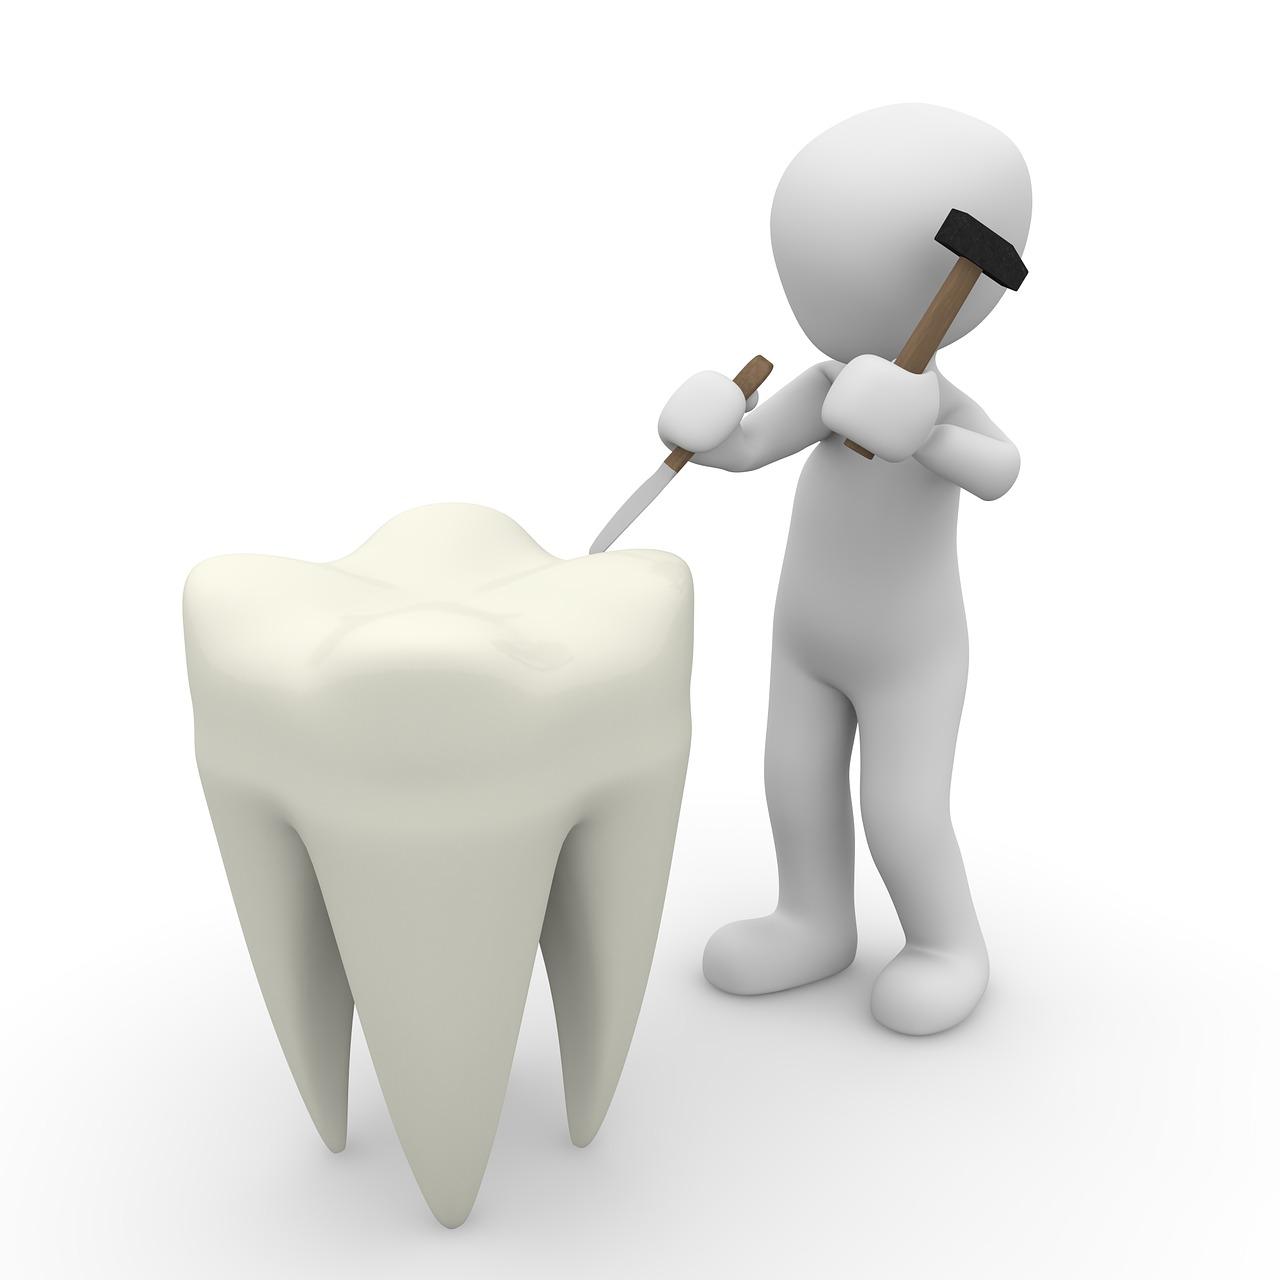 приехал зубы картинка для презентации всего